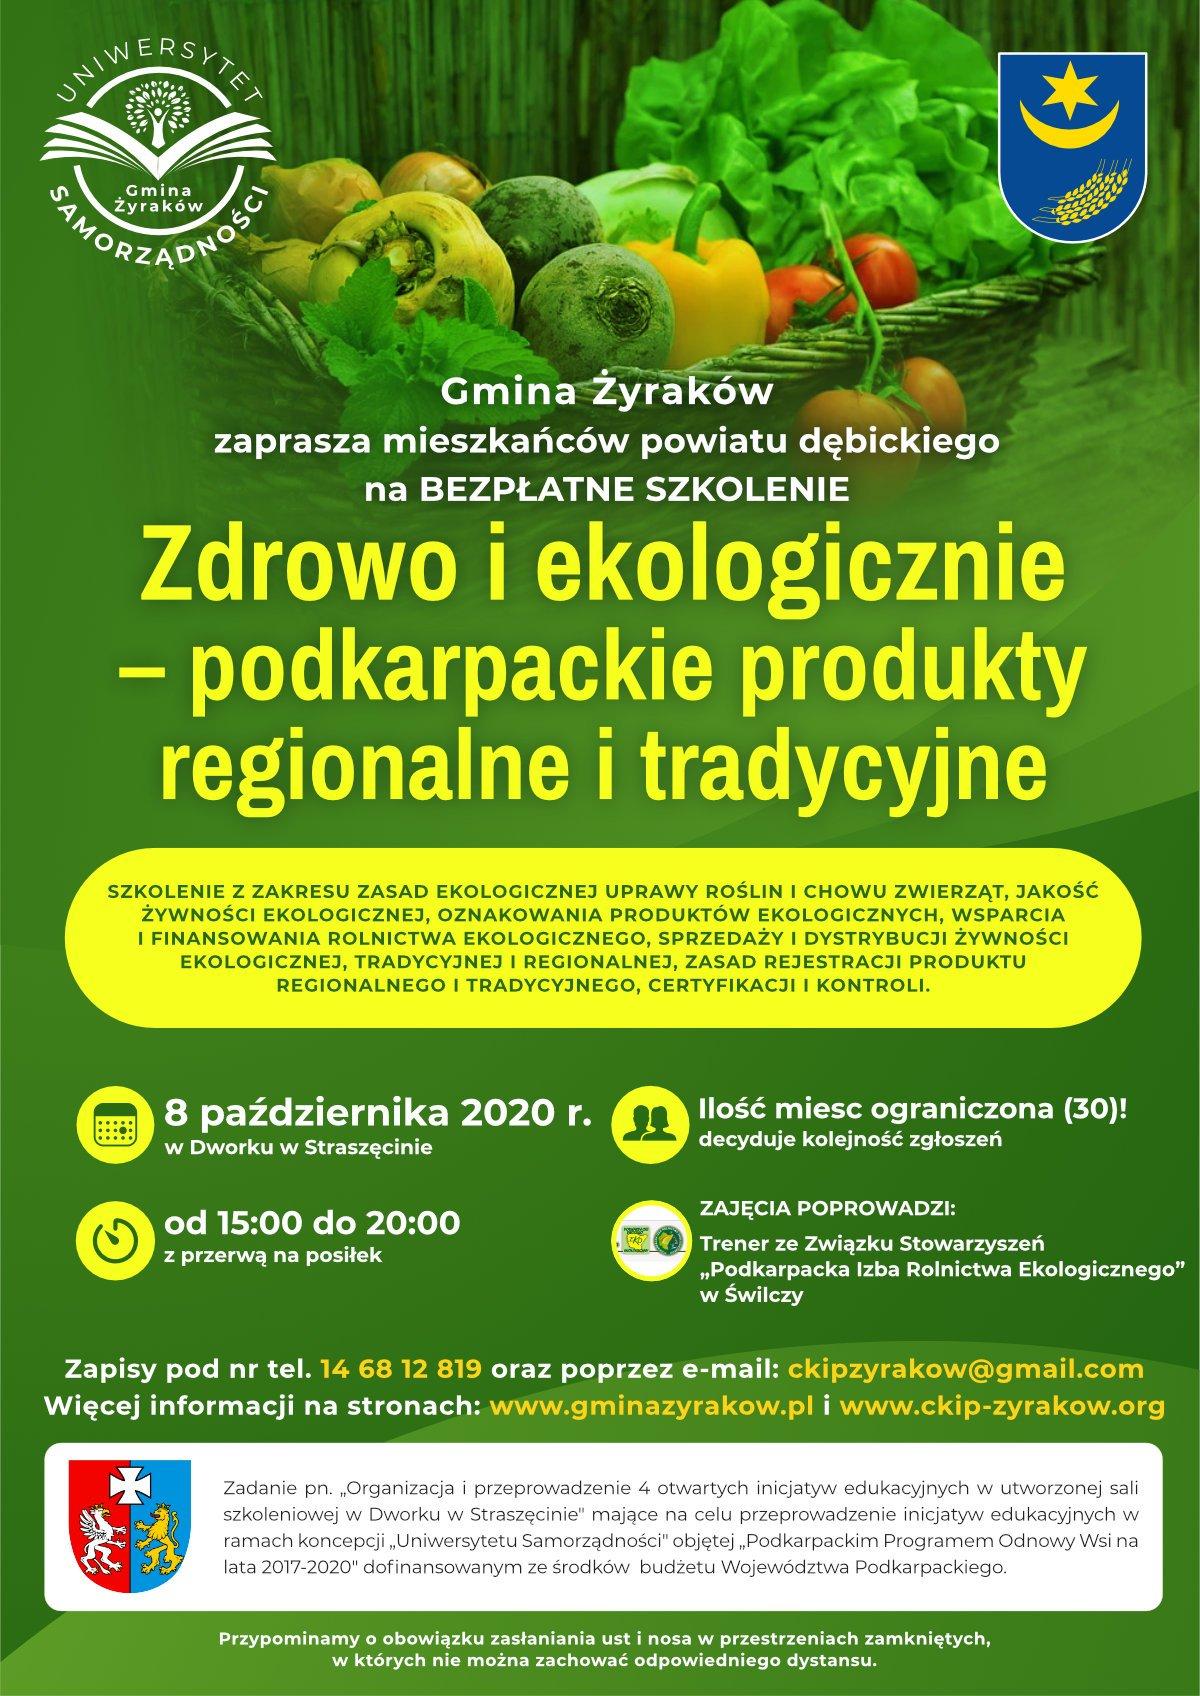 Zdrowo i ekologicznie - podkarpackie produkty regionalne i tradycyjne